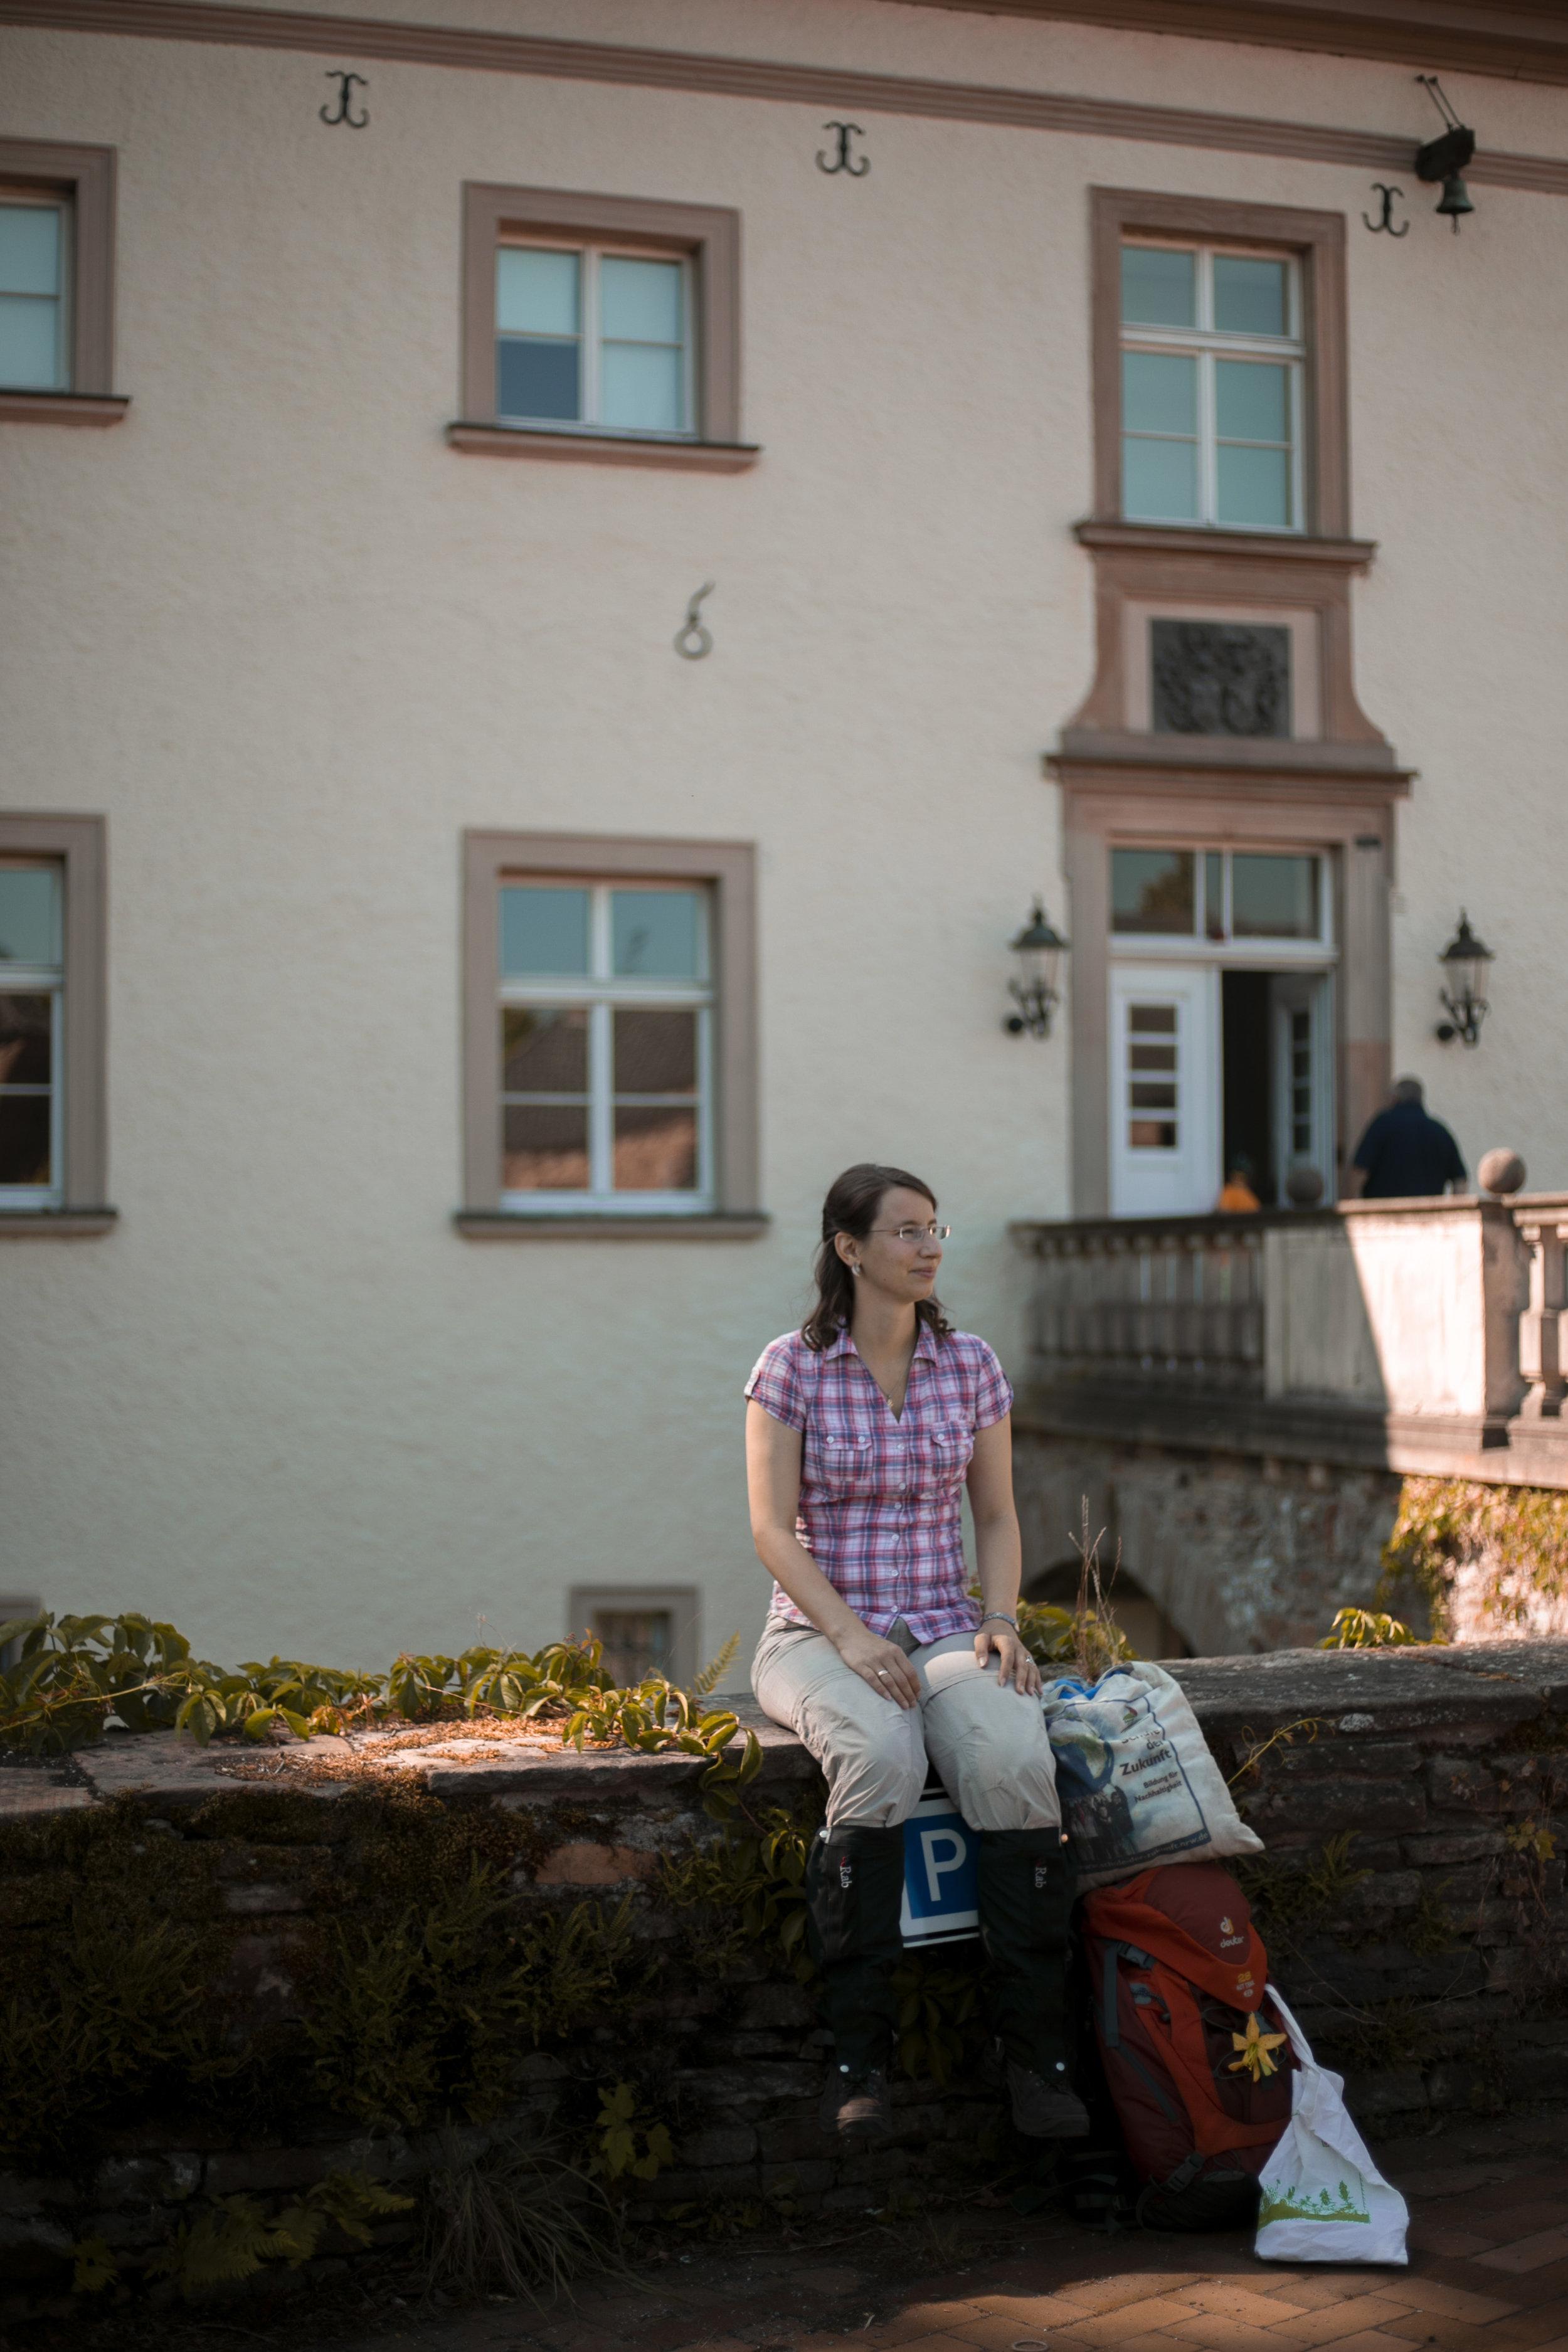 005-widr-Katharina Farwick-Brückhändler_WO_0697-.jpg